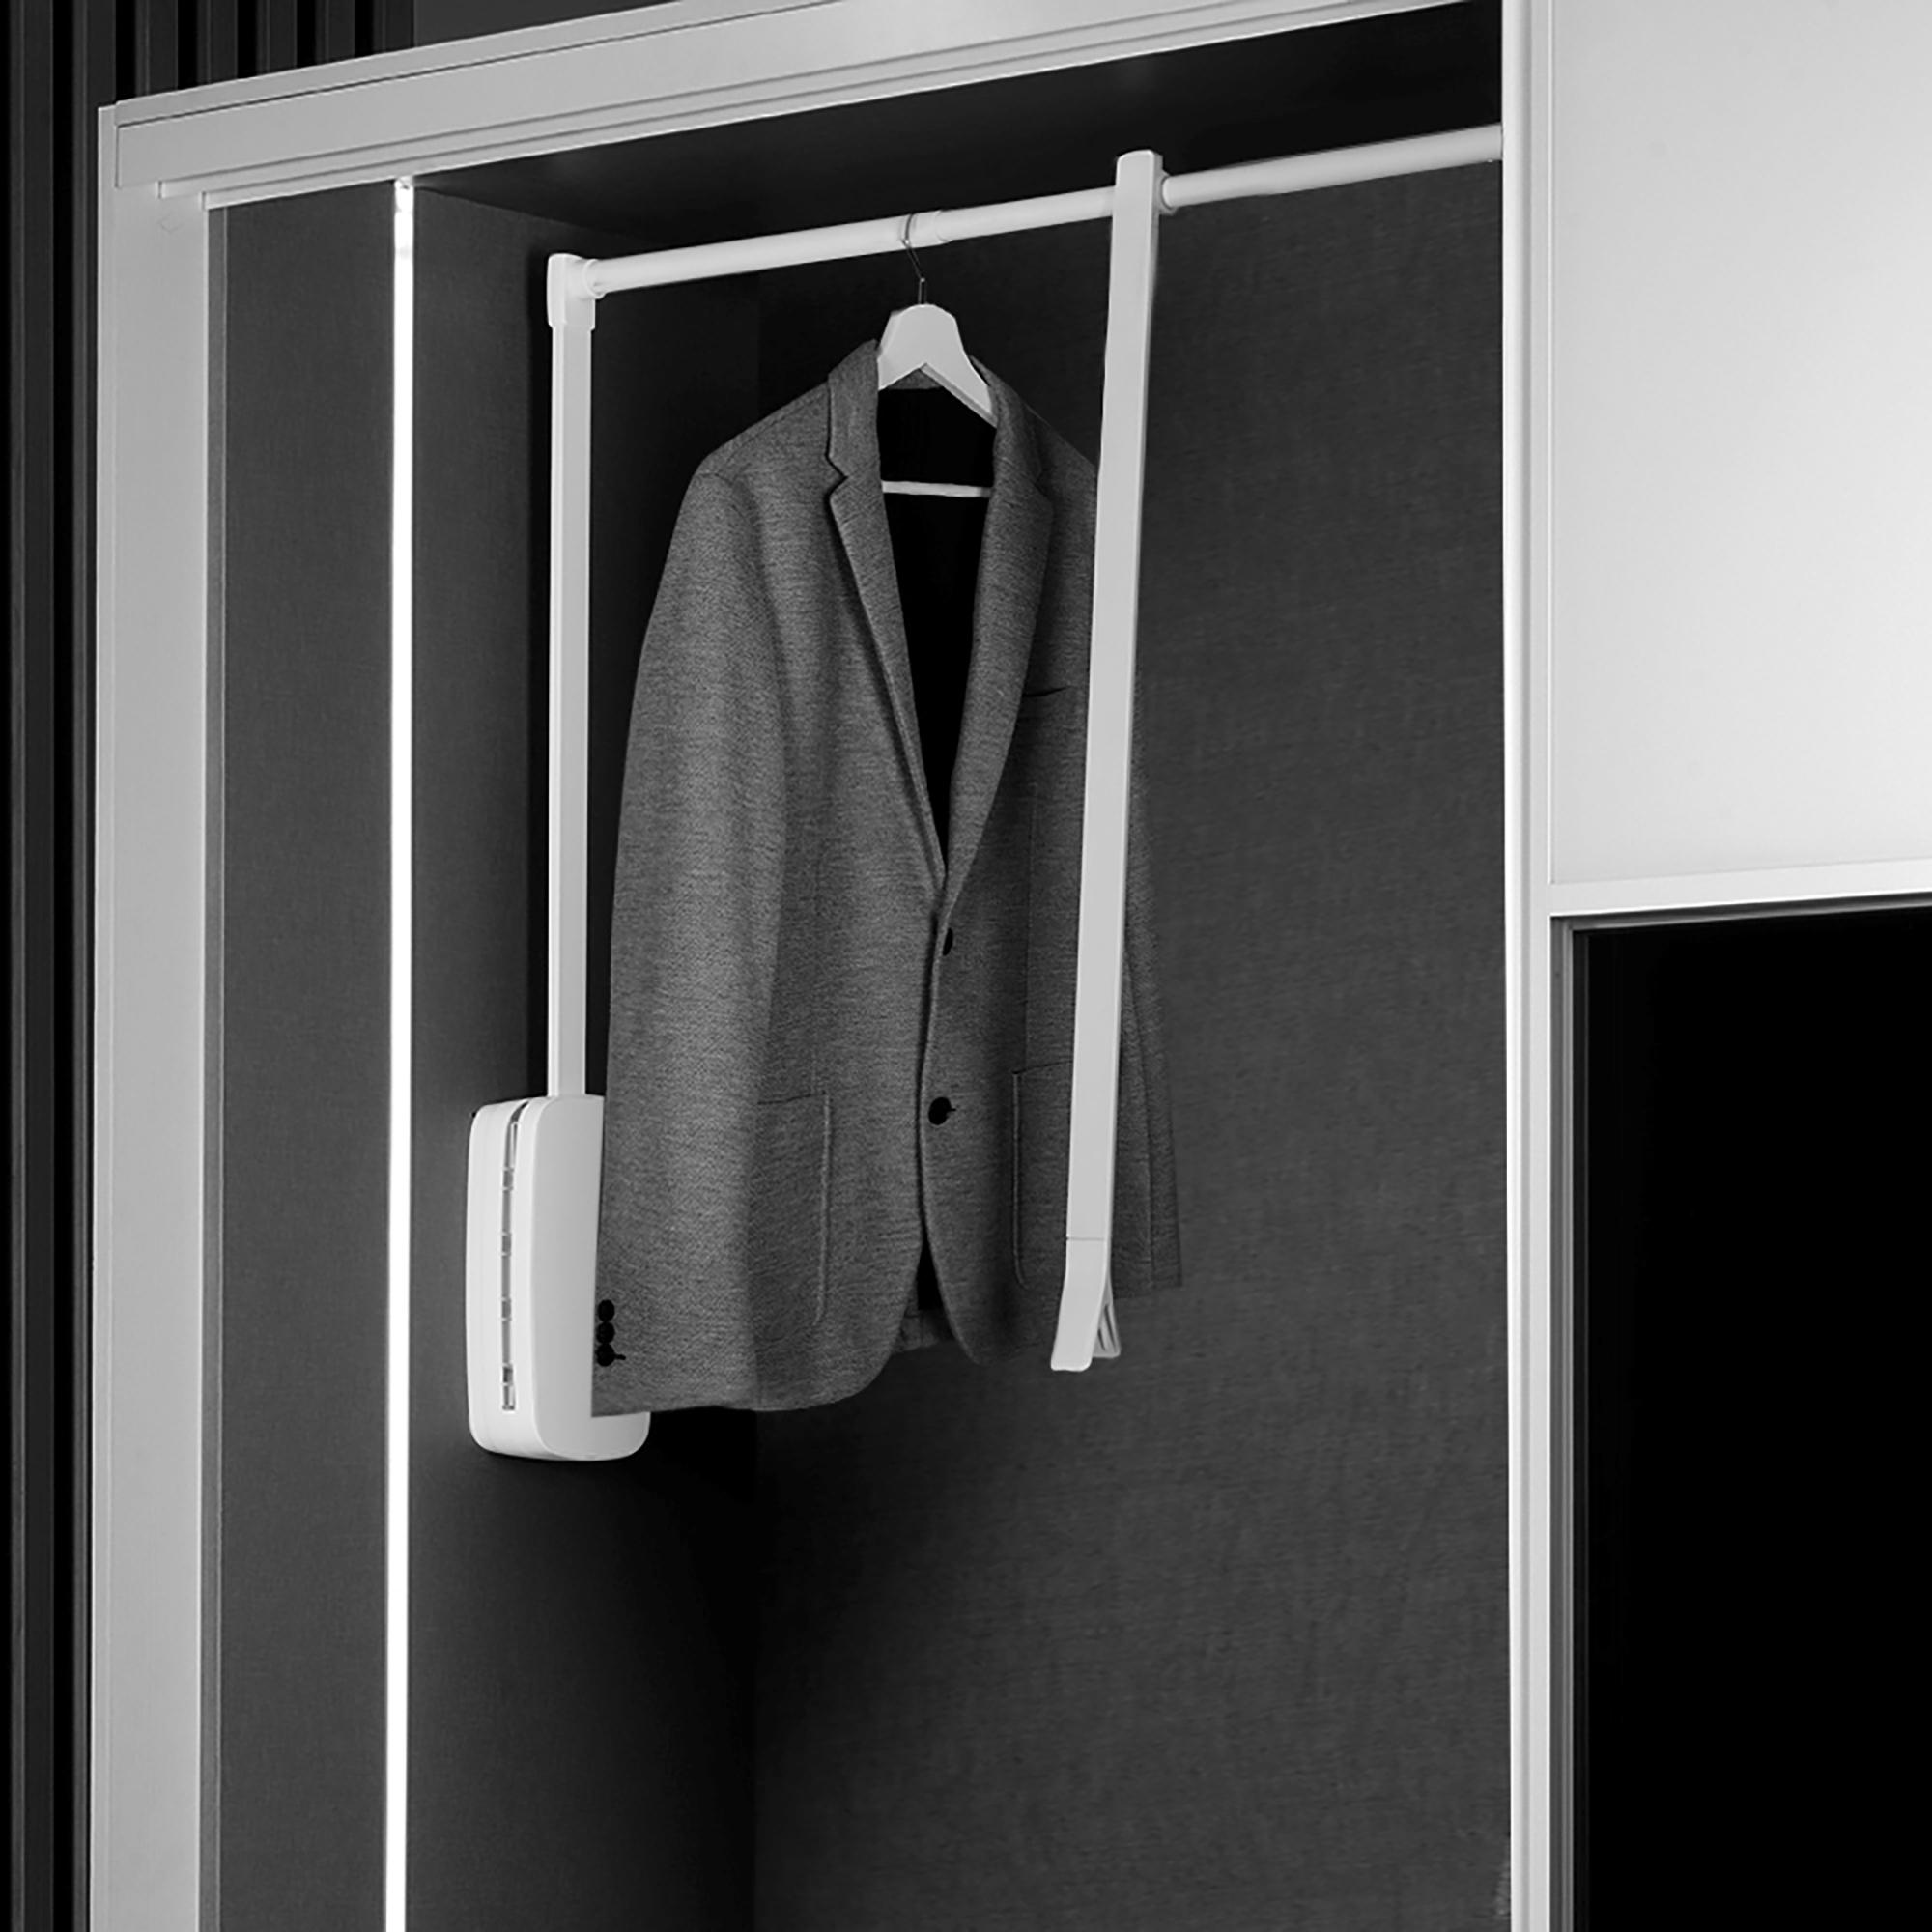 Emuca Appendiabiti per armadio, regolabile 450-600 mm, fino a 12Kg, Acciaio, Bianco